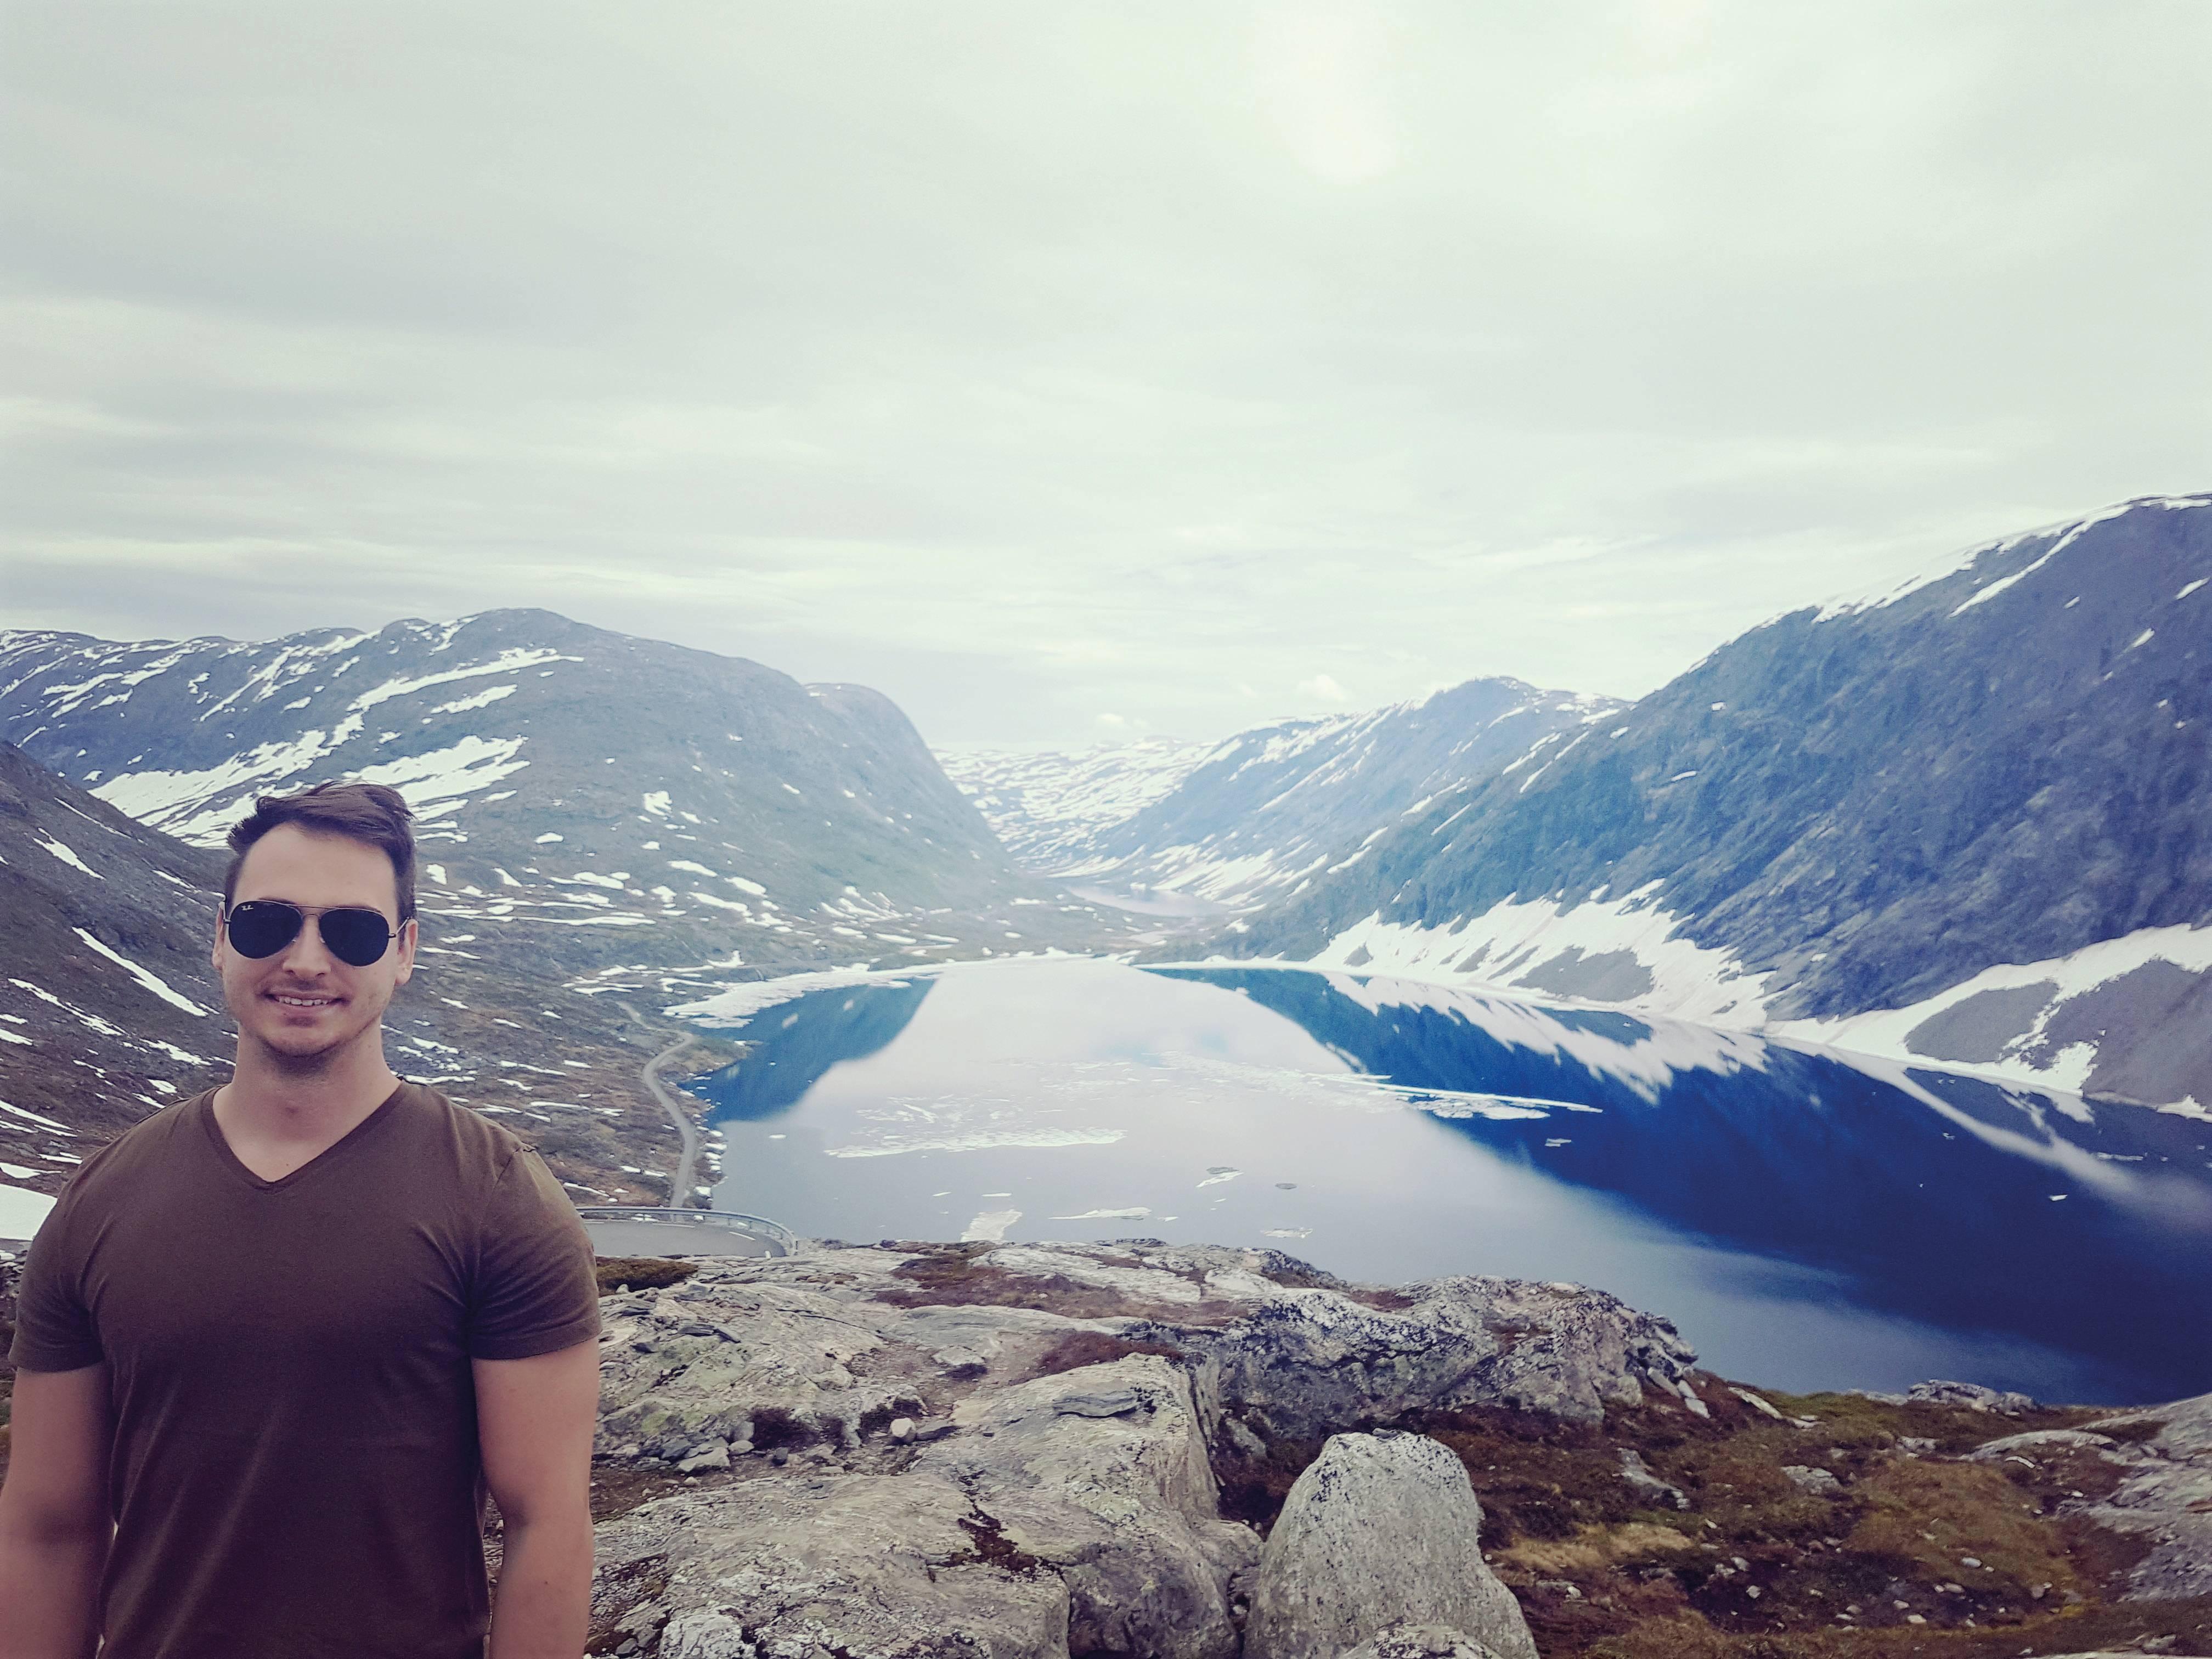 O engenheiro Fabio Corso vive com a família na Suécia. Crédito: Arquivo pessoal.